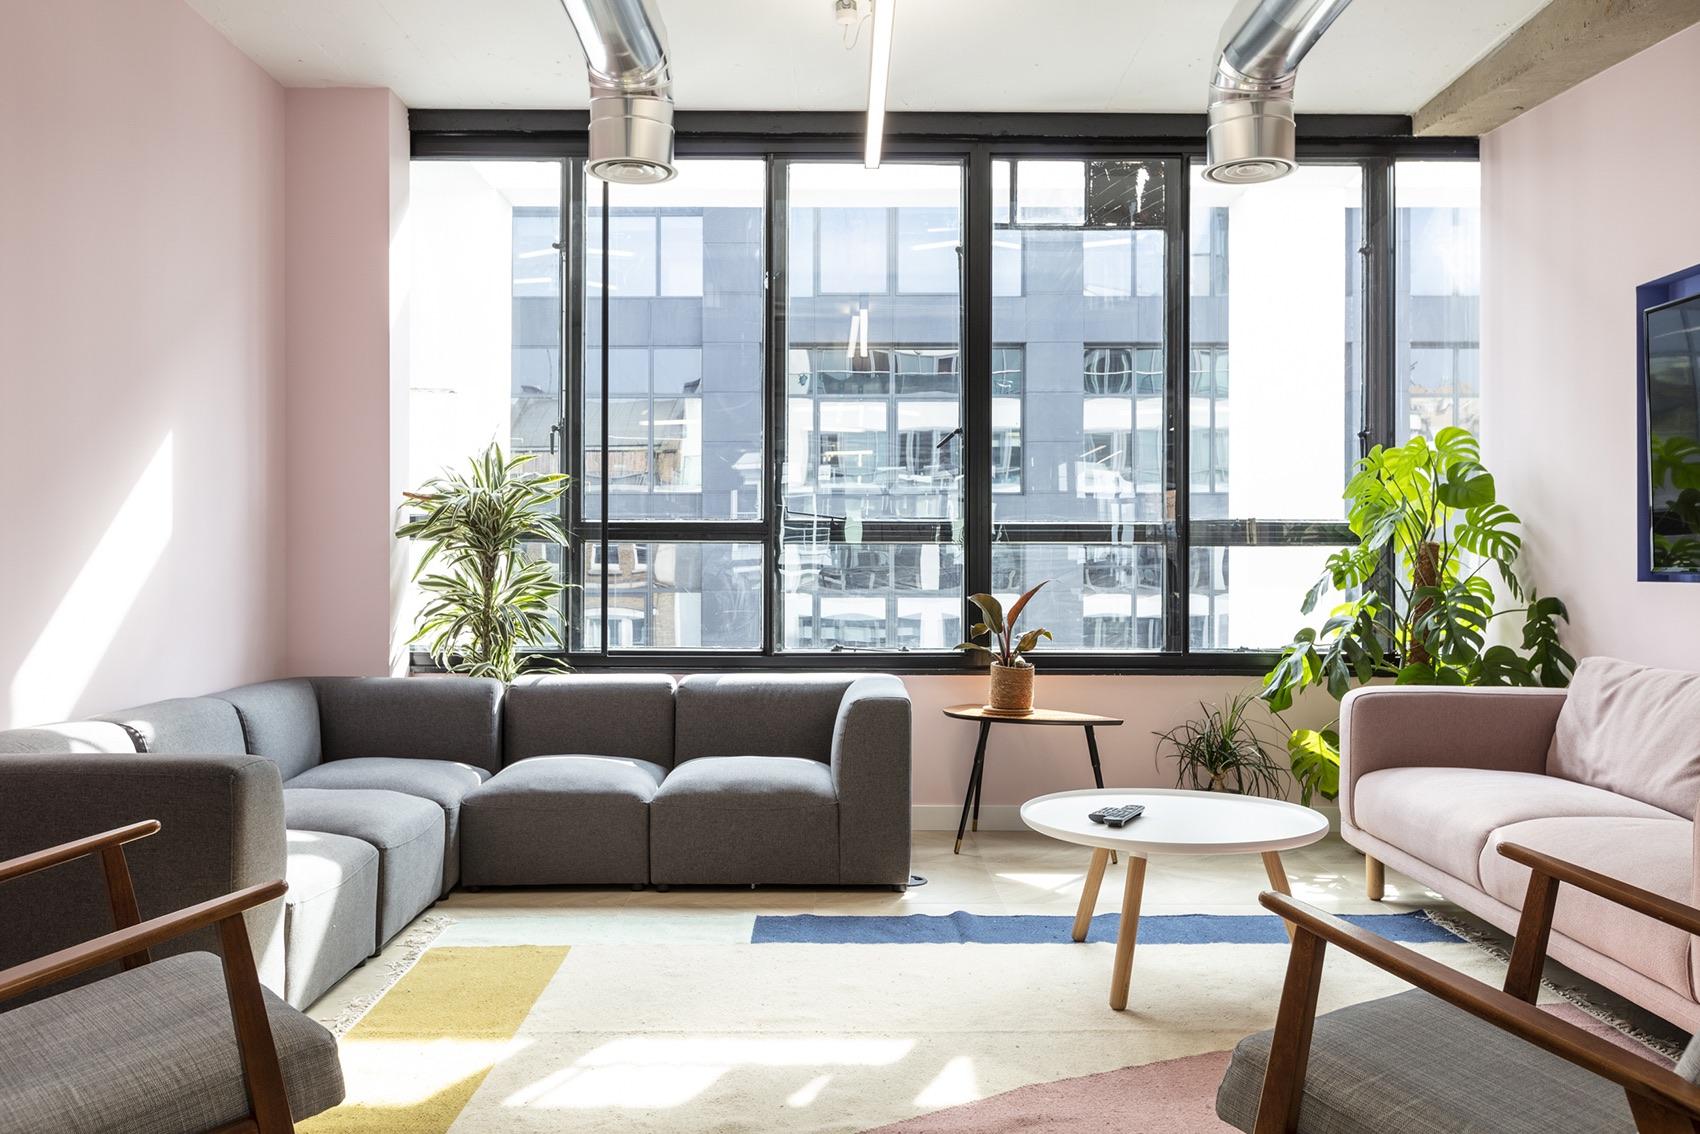 vungle-london-office-3